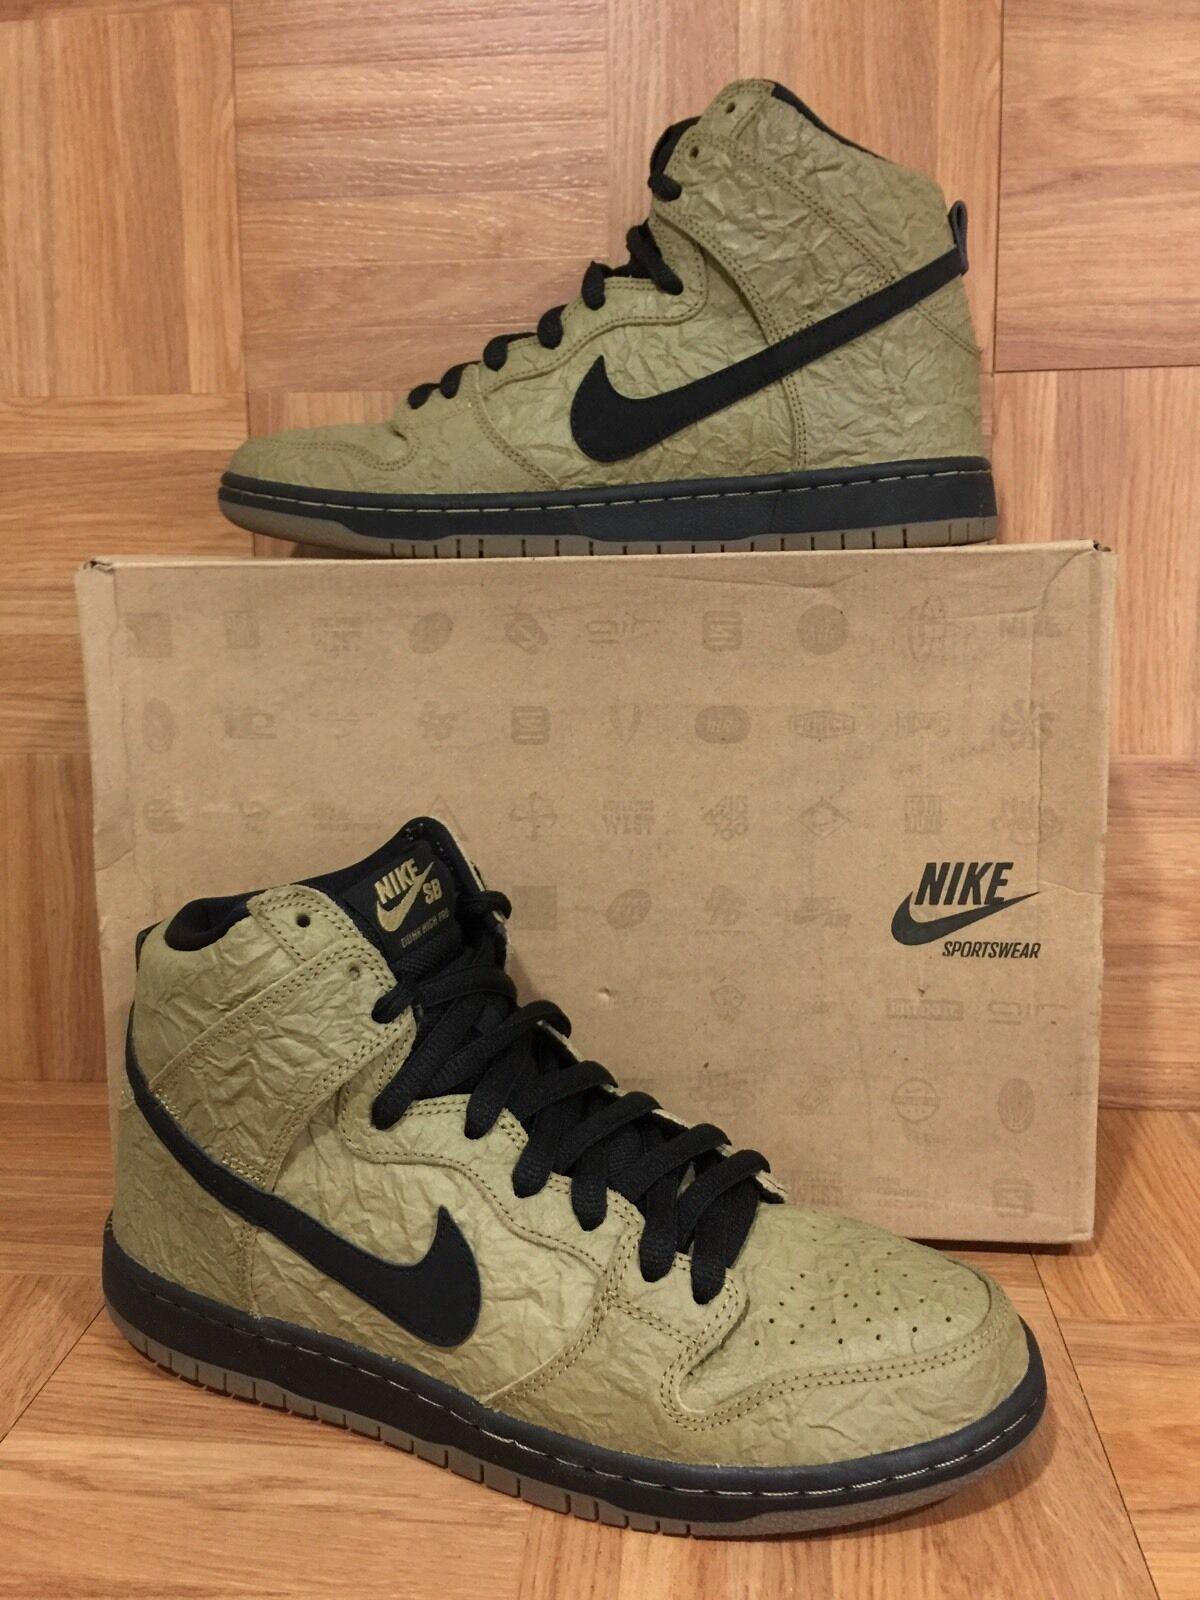 RARE� Nike Zoom SB Dunk High Premium Filbert Brown Paper Bag Gum S 9 313171-202